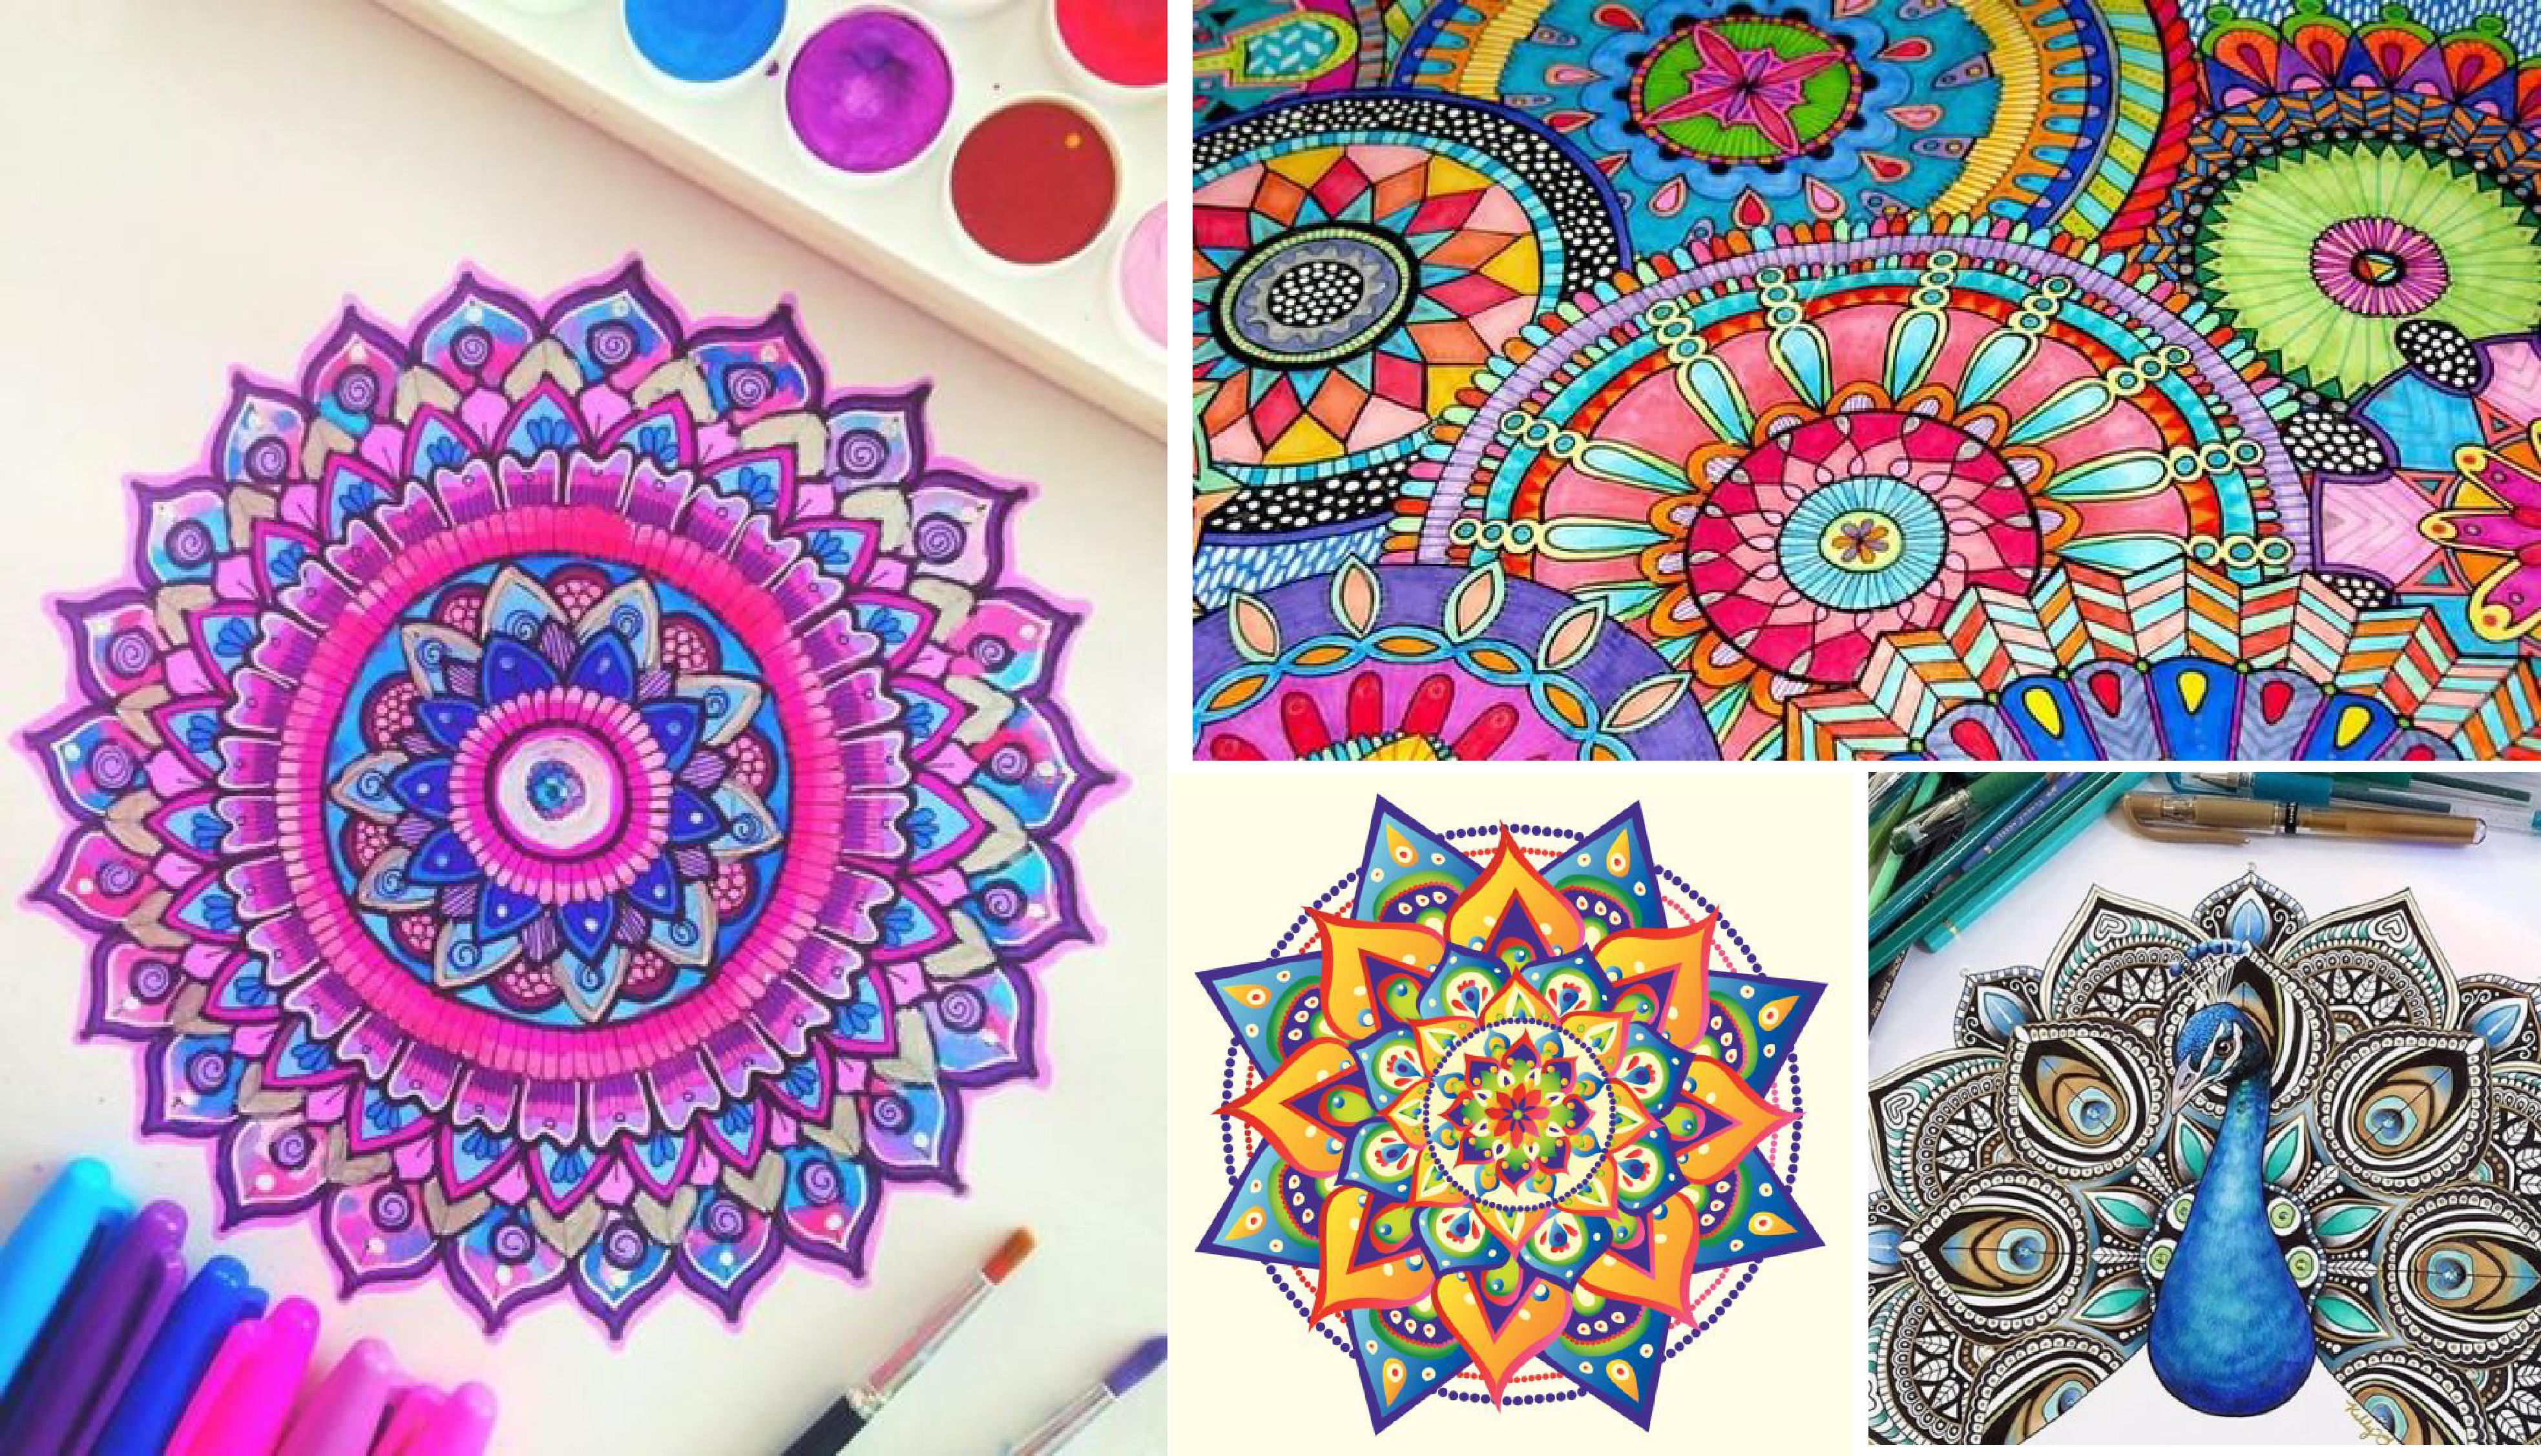 Dibujos Para Imprimir Y Colorear Mandalas: MANDALAS De Unicornios🦄 Kawaii Para Imprimir Y Colorear.[2018]